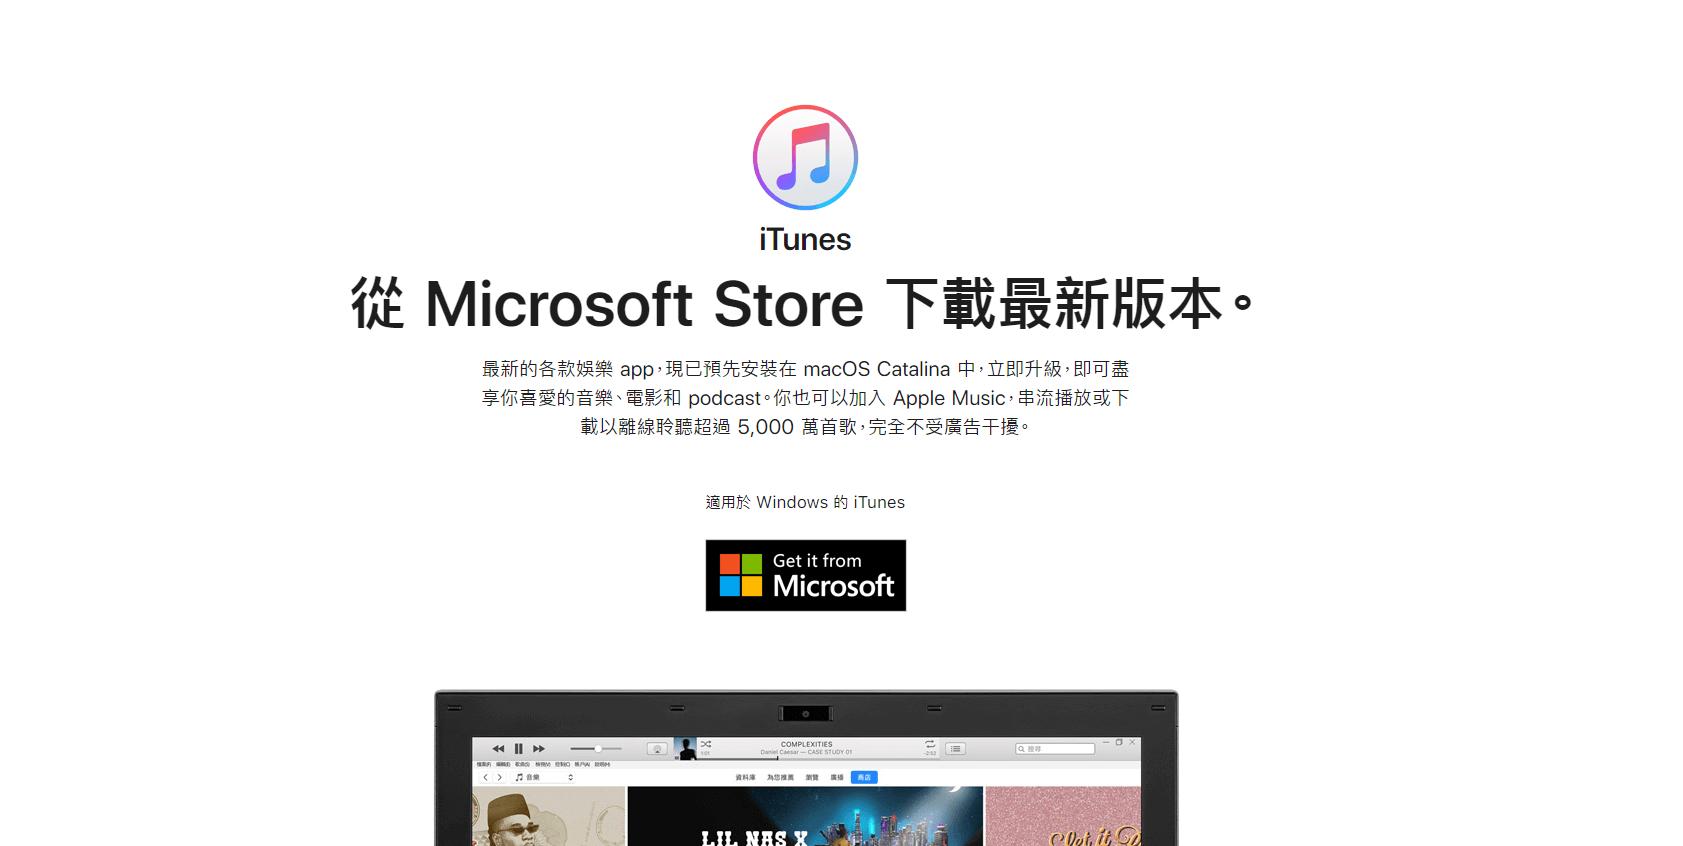 下載並安裝iTunes